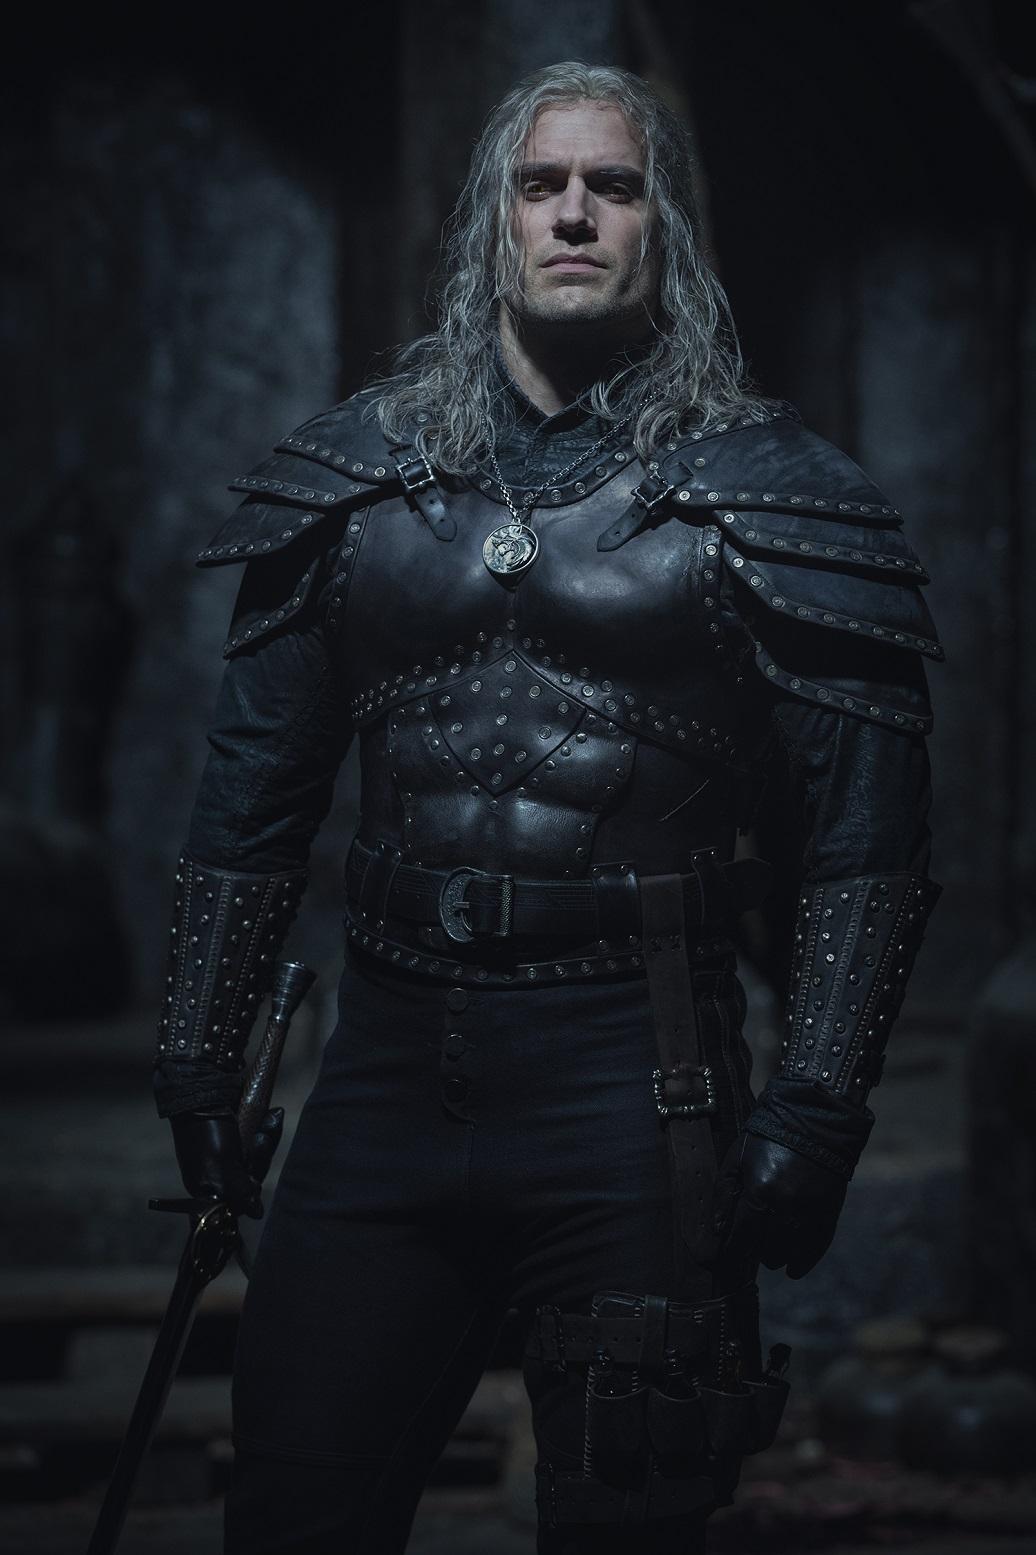 Geralt-di-Rivia-The-Witcher-2-serie-netflix-cavill